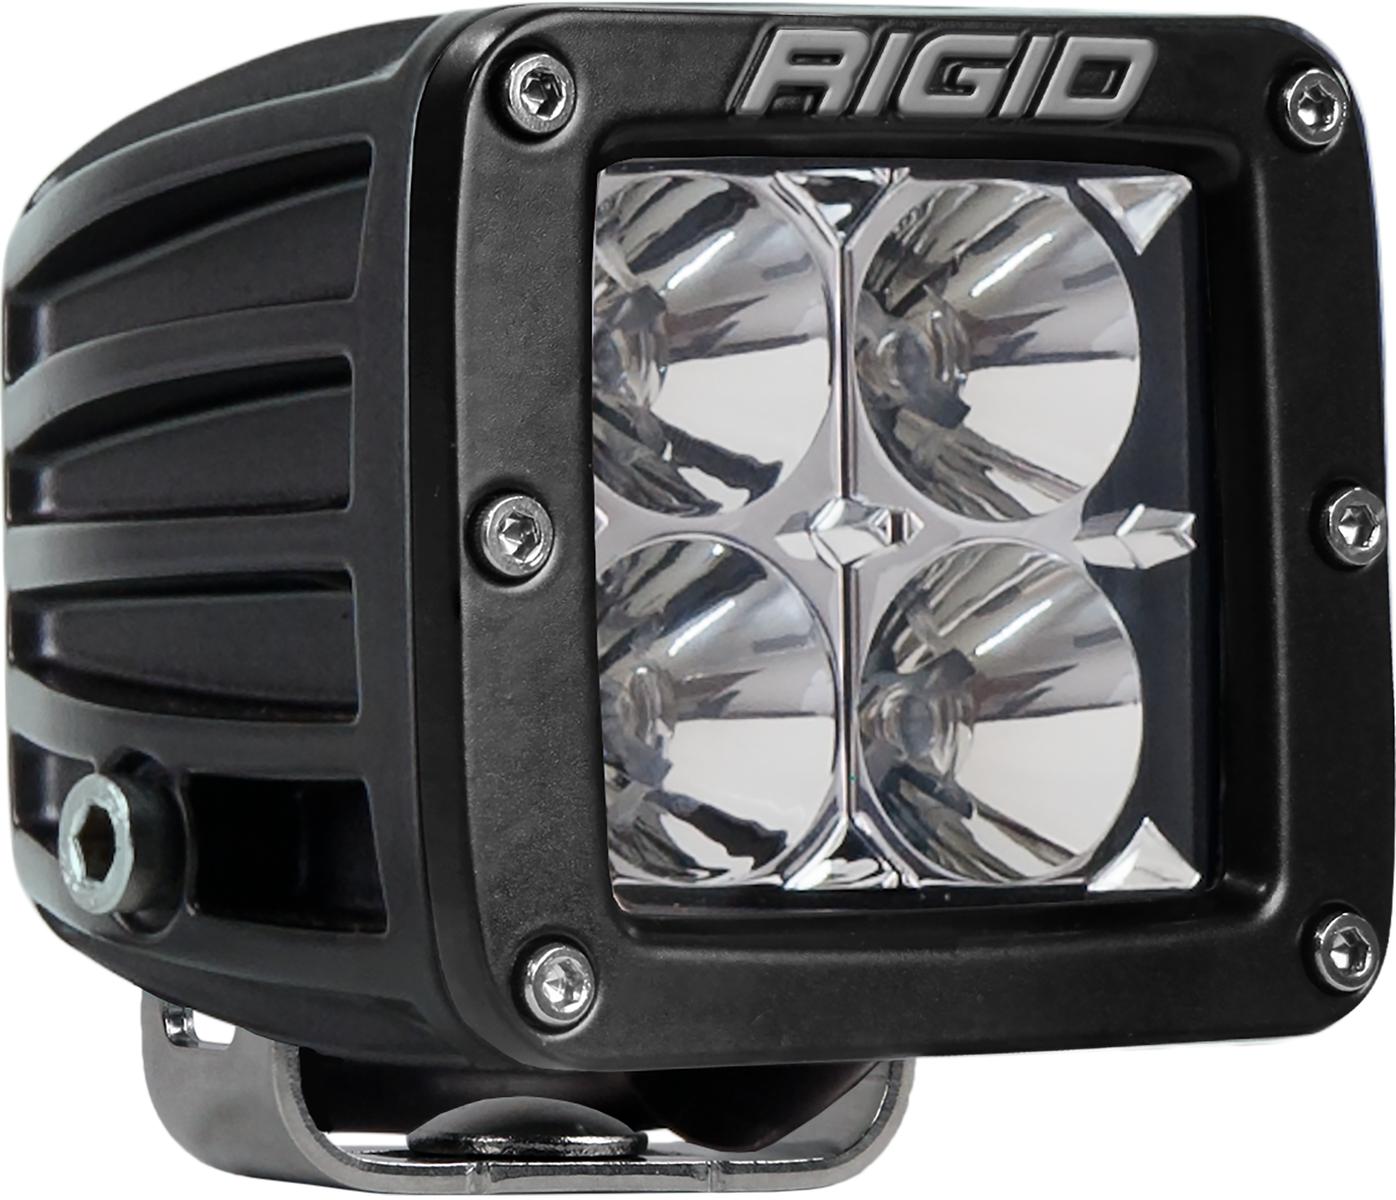 Rigid® D-Series Flood LED Light